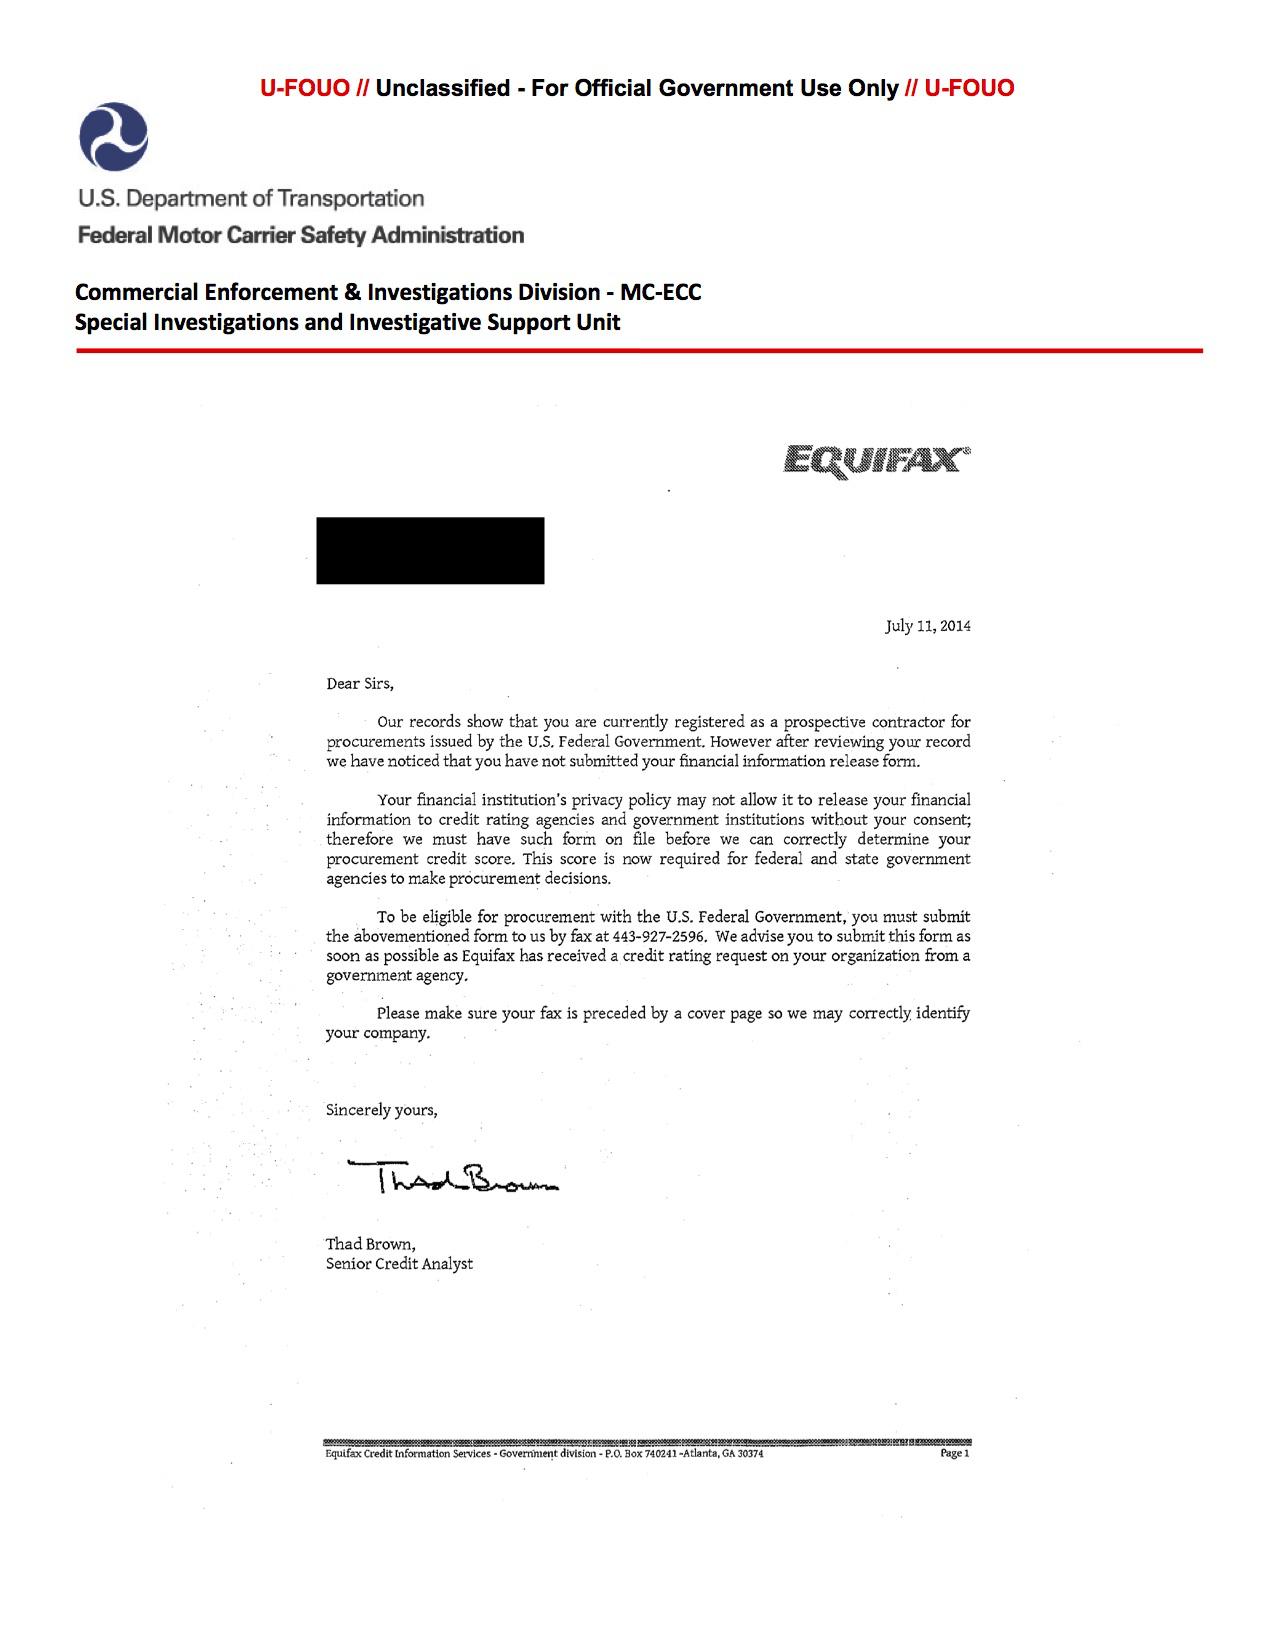 What is fraud alert equifax 1